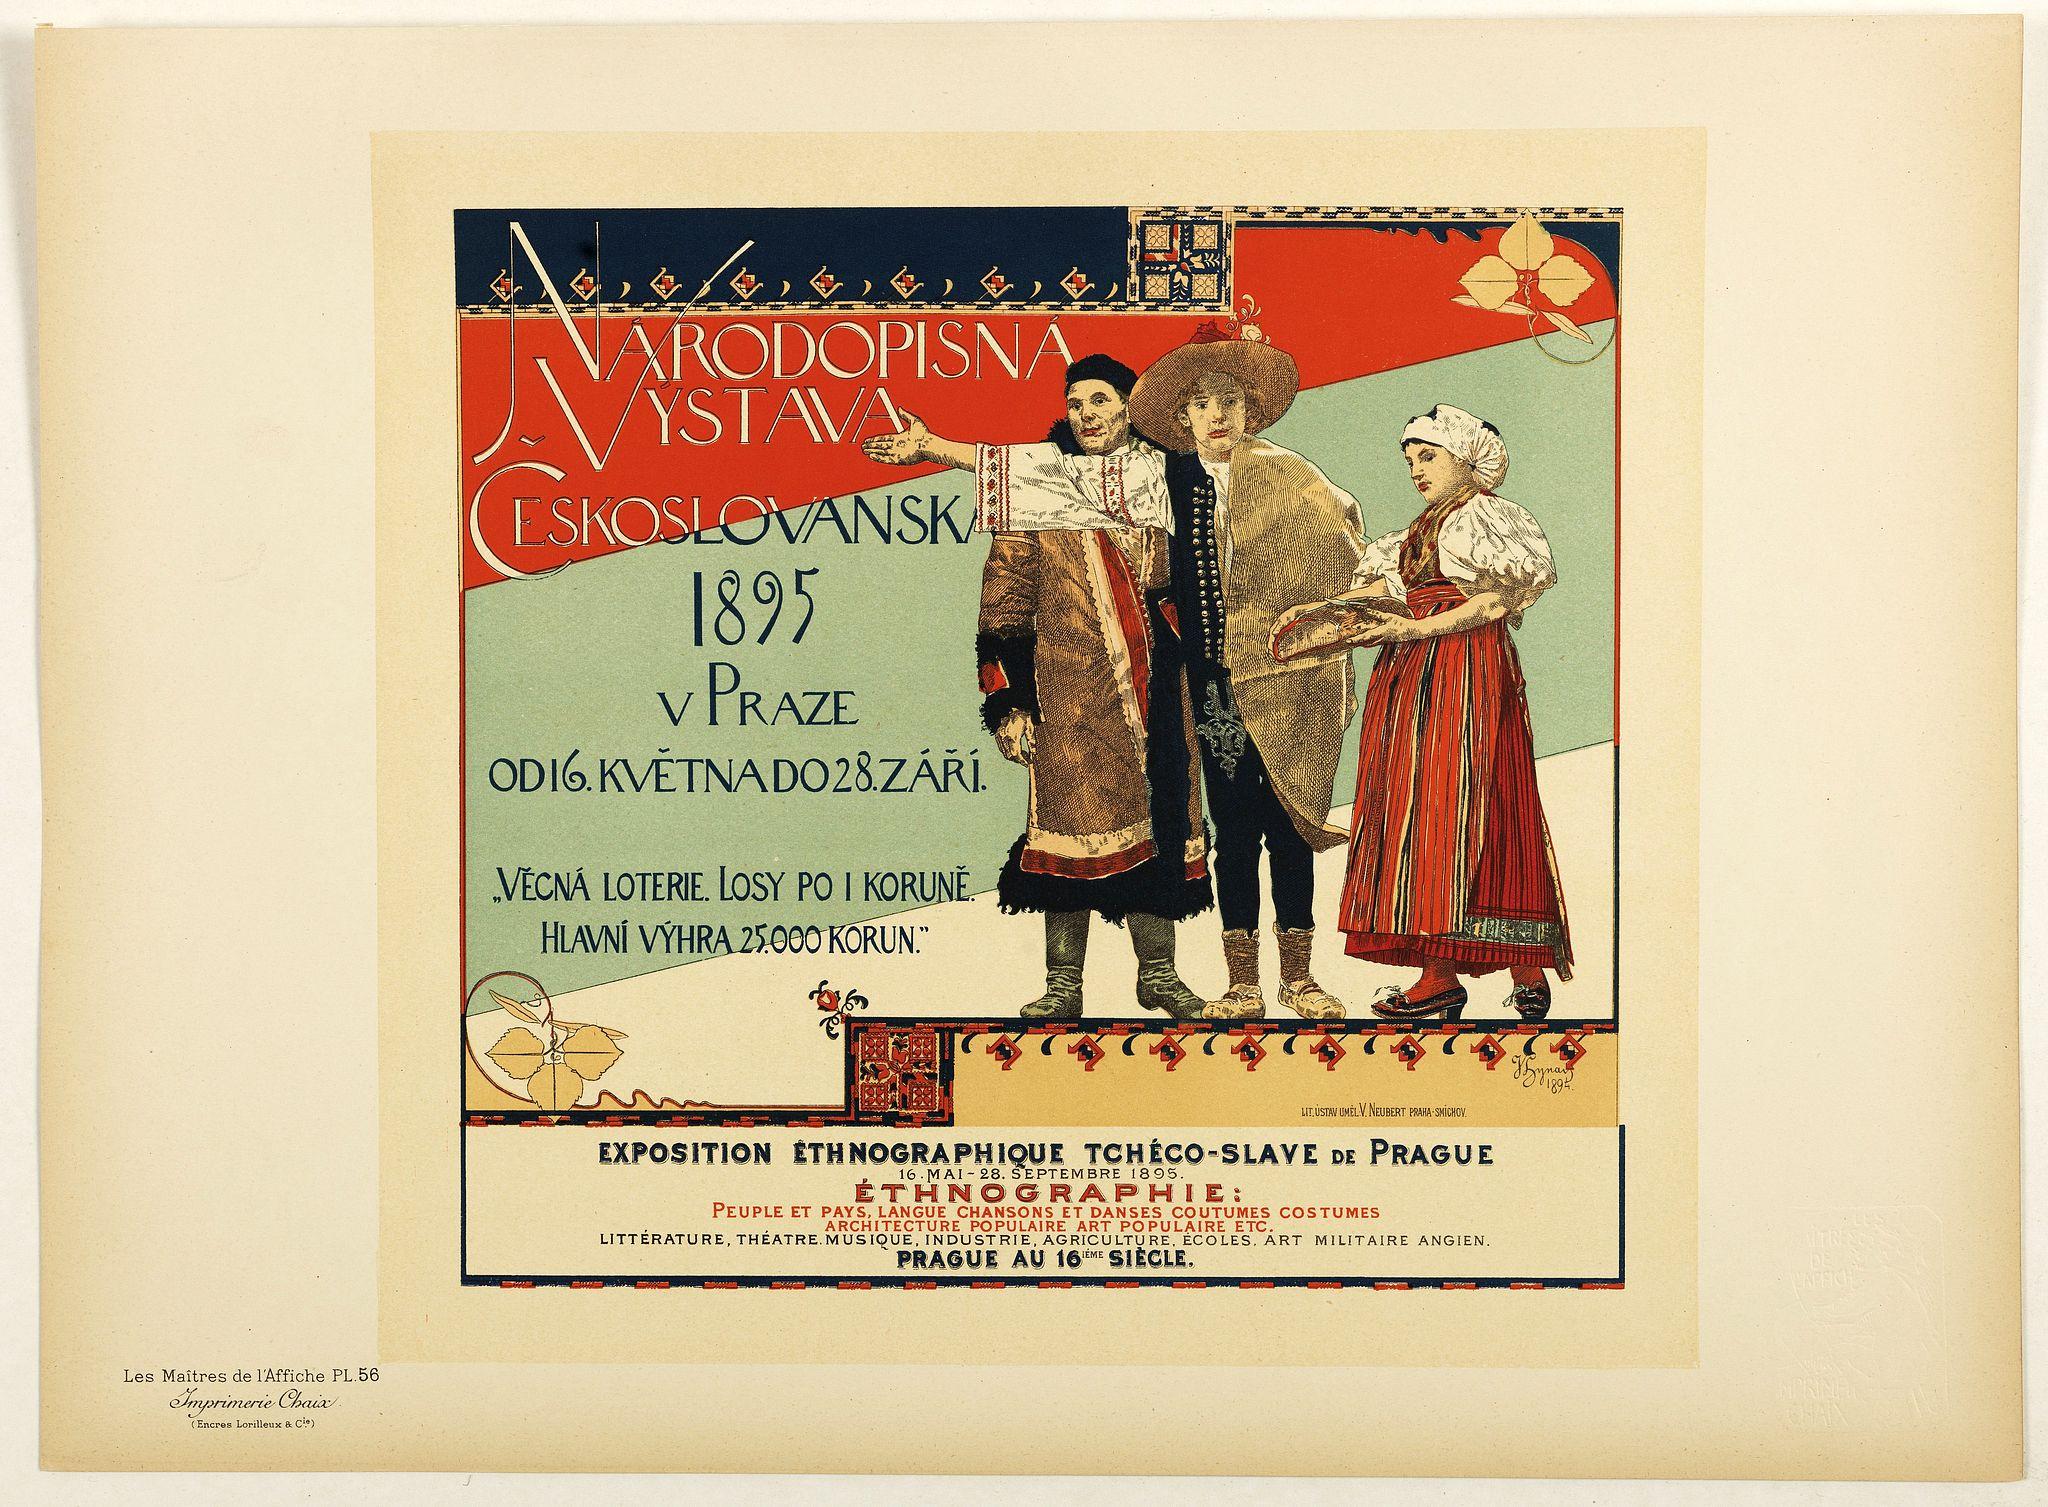 LES MAITRES DE L'AFFICHE -  Rhodopsin Vistana Czechoslovakia 1895 . . .